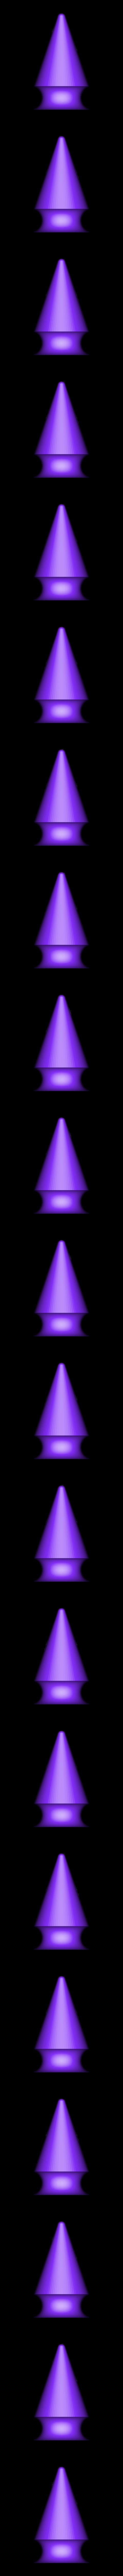 Pick_v2.stl Télécharger fichier STL gratuit Aegis-fang- Wulfgar's Hammer (Imprimable) • Objet imprimable en 3D, derailed